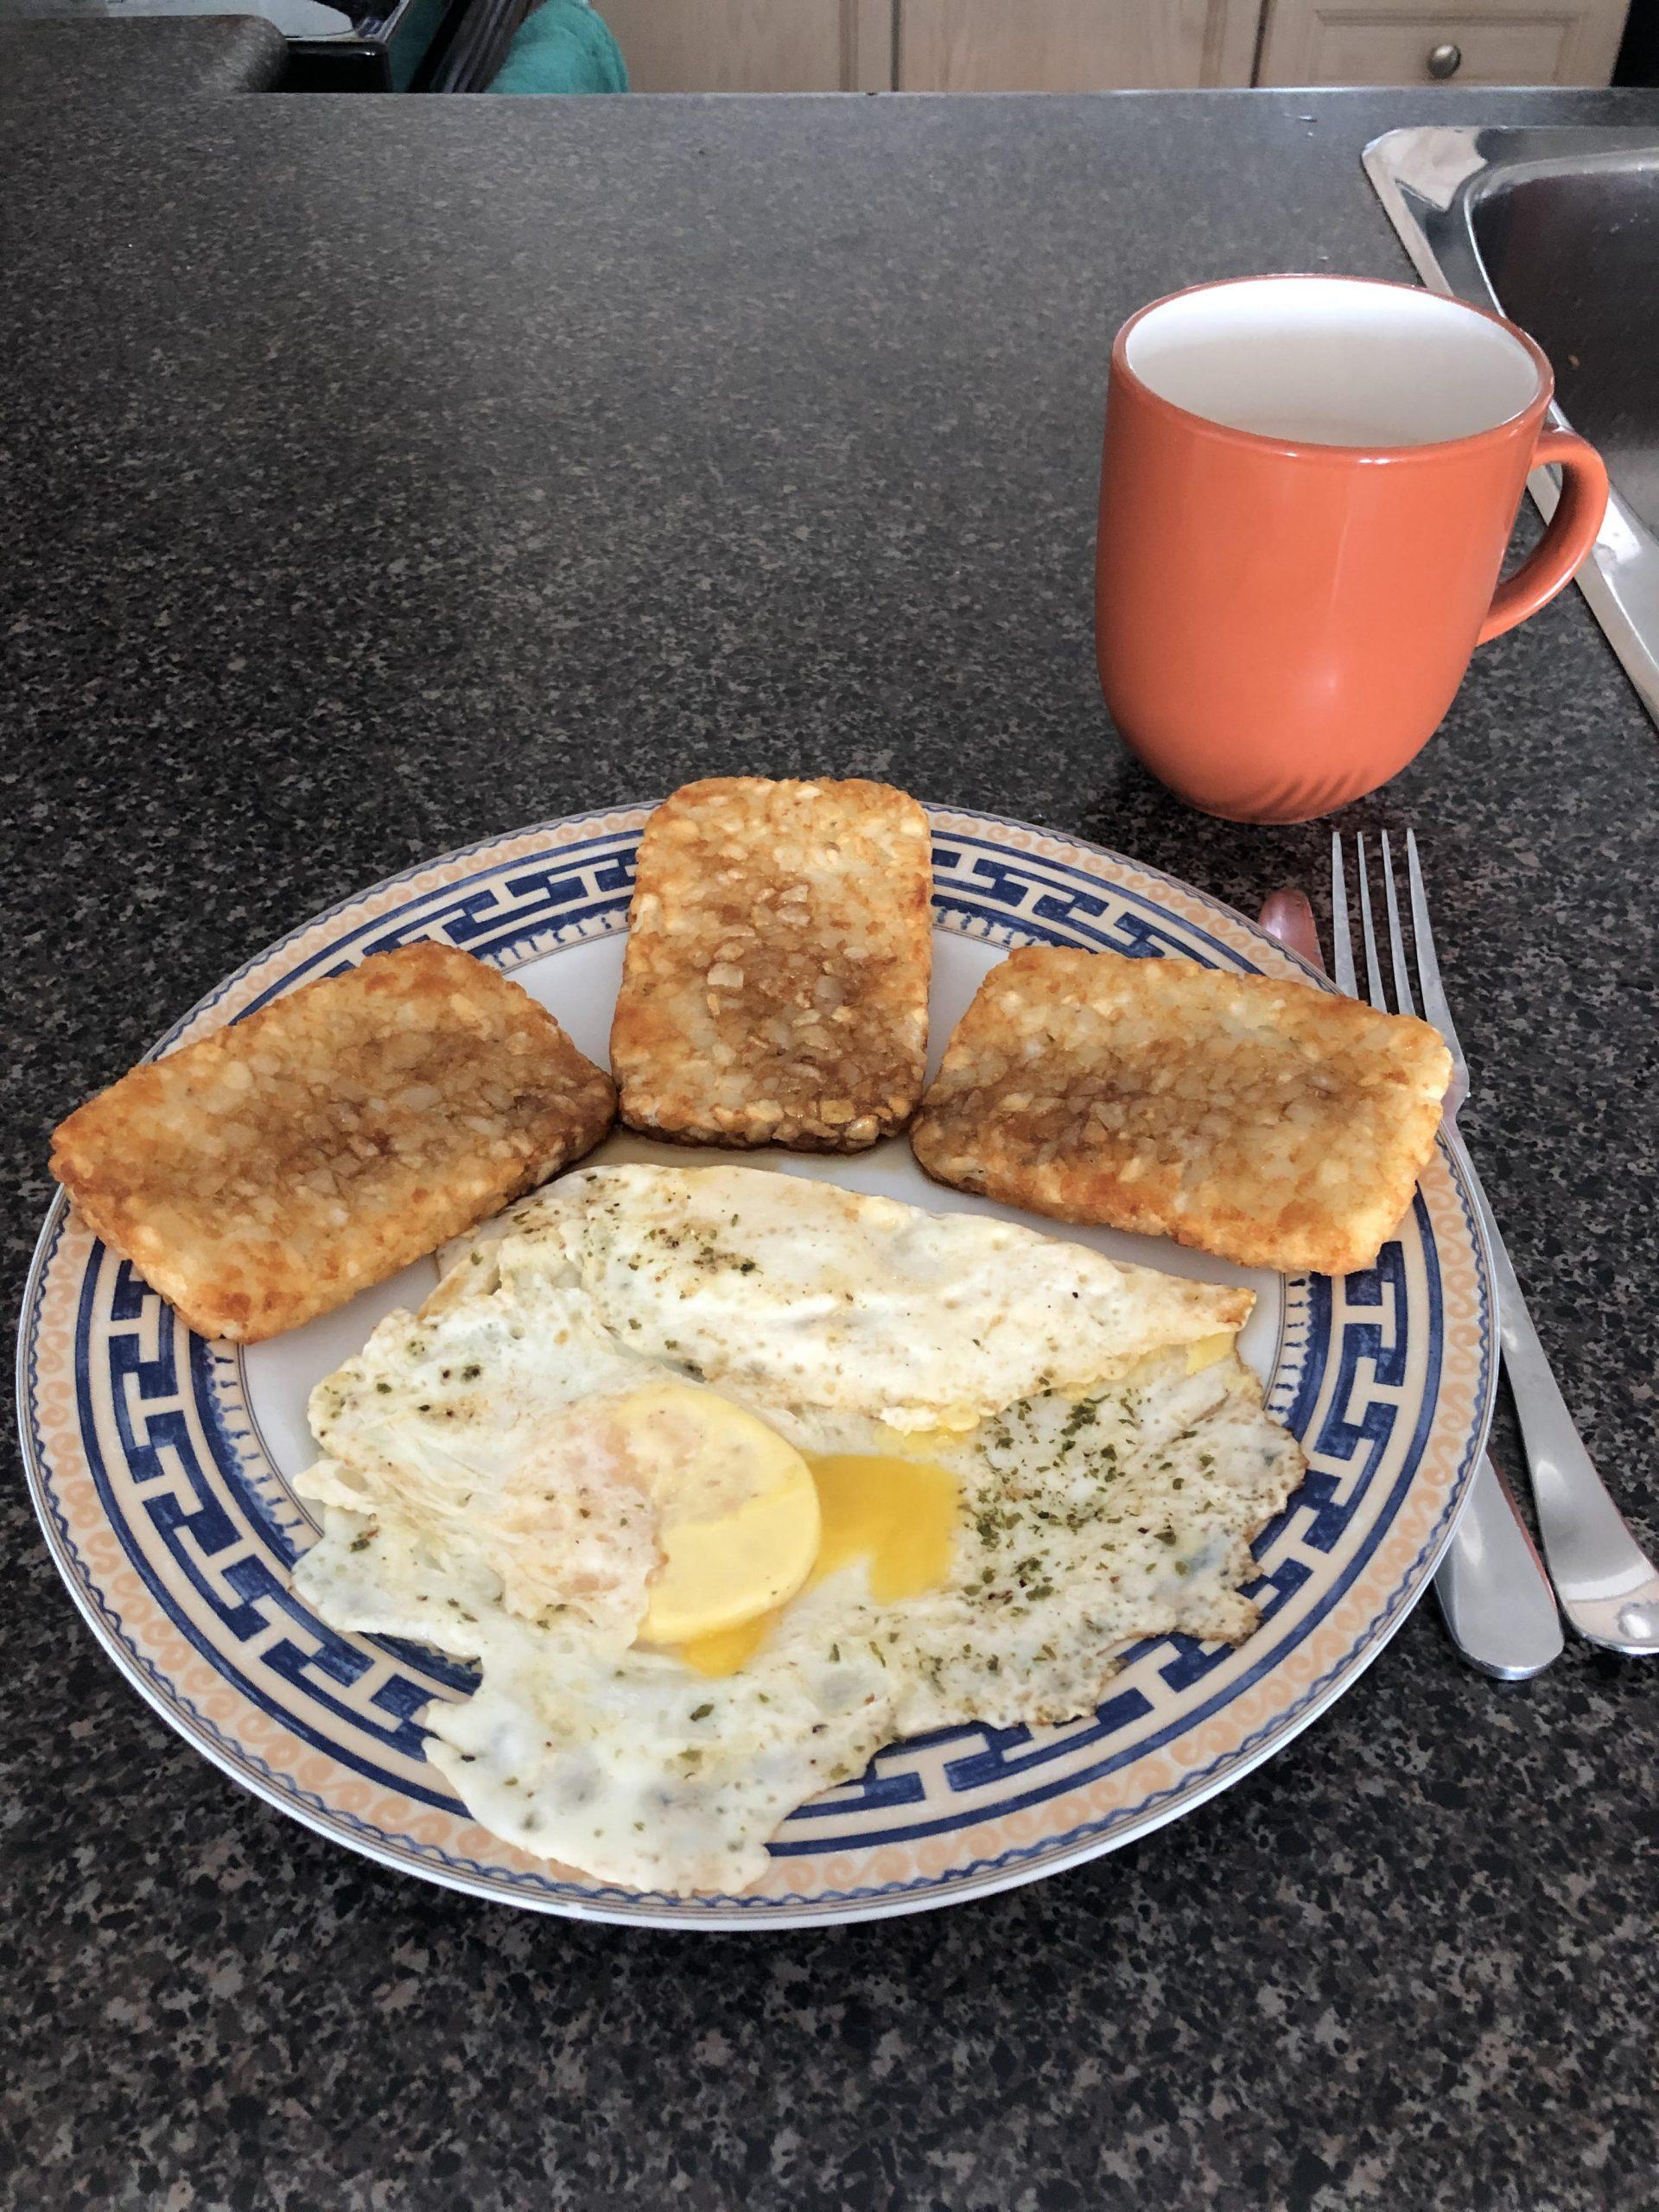 Eggs & Hash browns breakfast